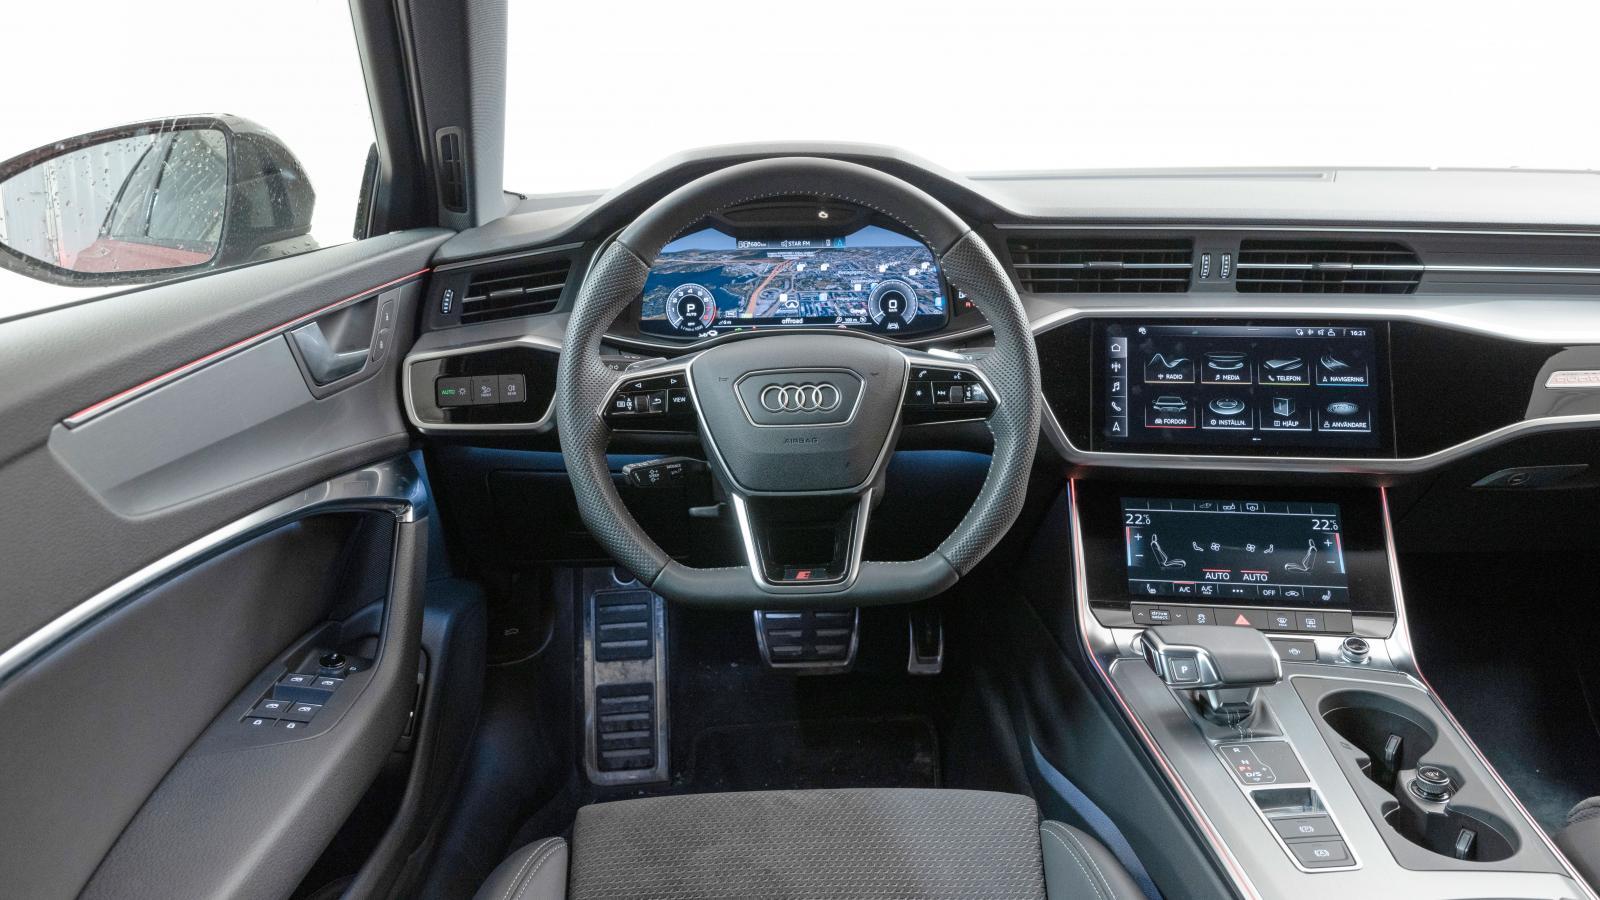 """Audis """"heldigitala"""" miljö med instrumenthus och dubbla skärmar fungerar bättre än många liknande. Mobilladdning i armstödet, toppfinish överlag."""